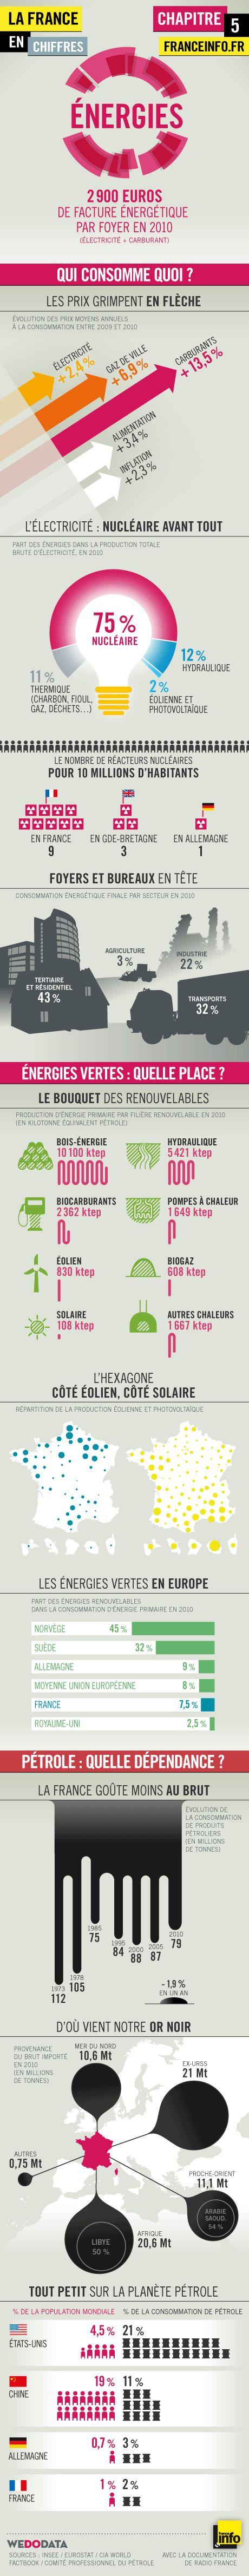 Infographies   La France en chiffres : l'énergie - Politique - France Info